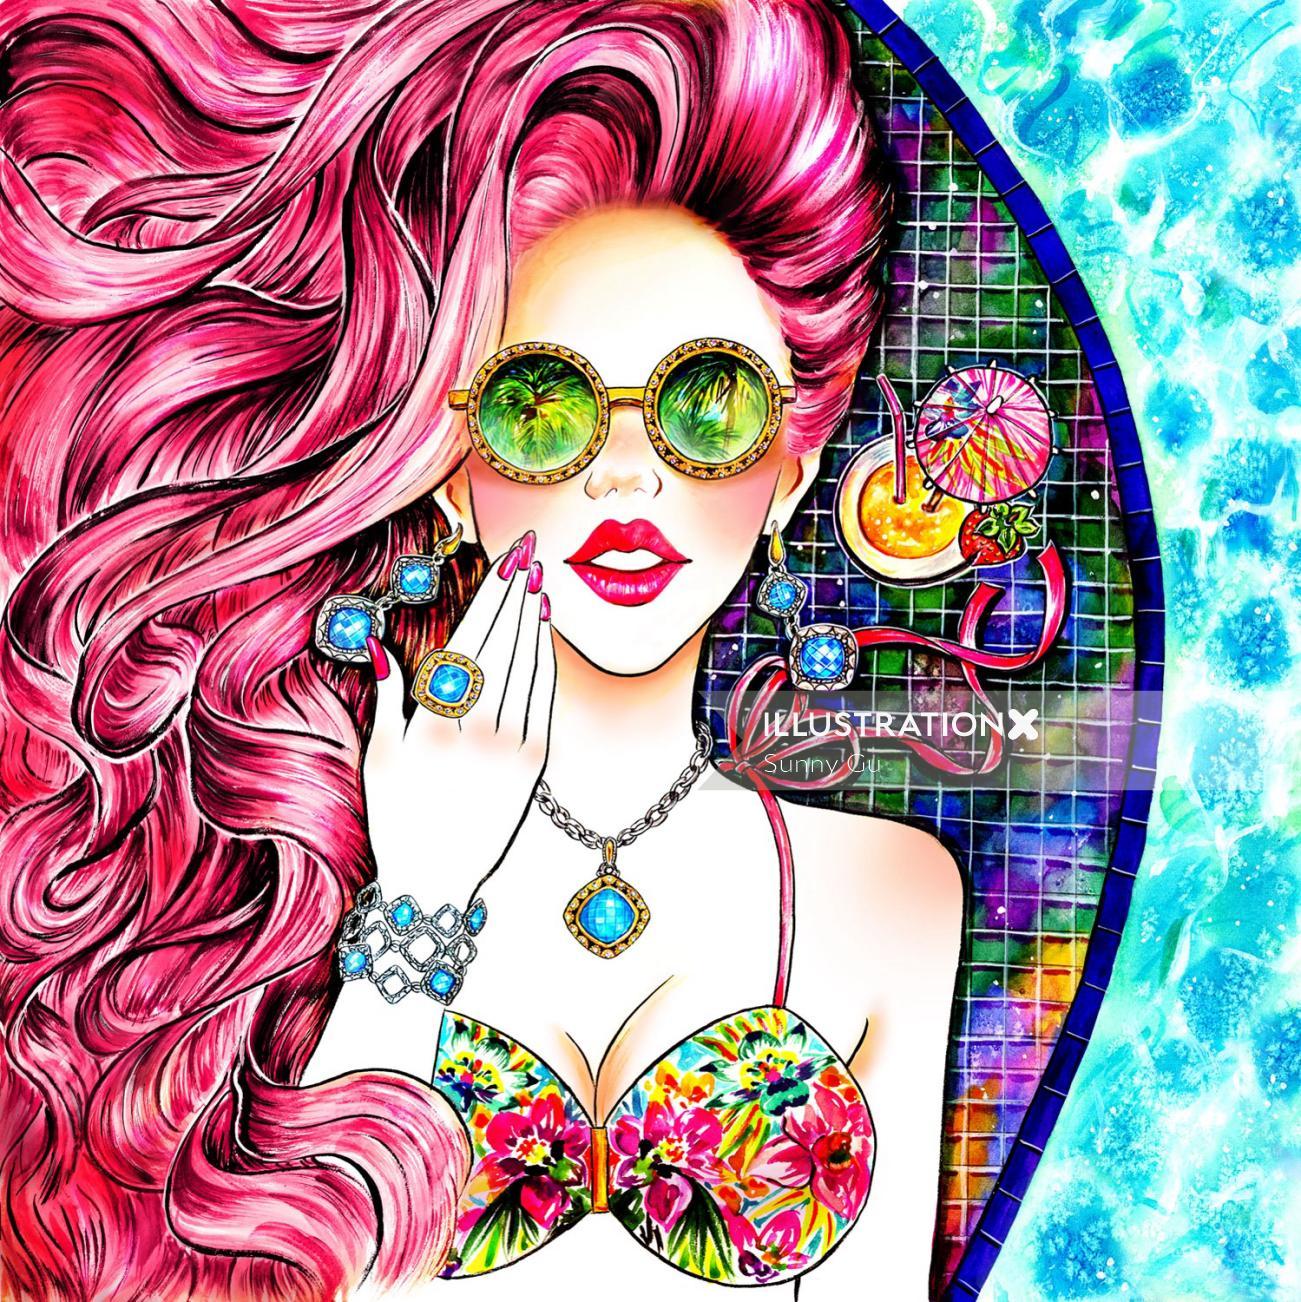 Summer, Summer Love, Sunbathing, Pinkhair, Jewelry, Accessory, Swimwear, Bikini